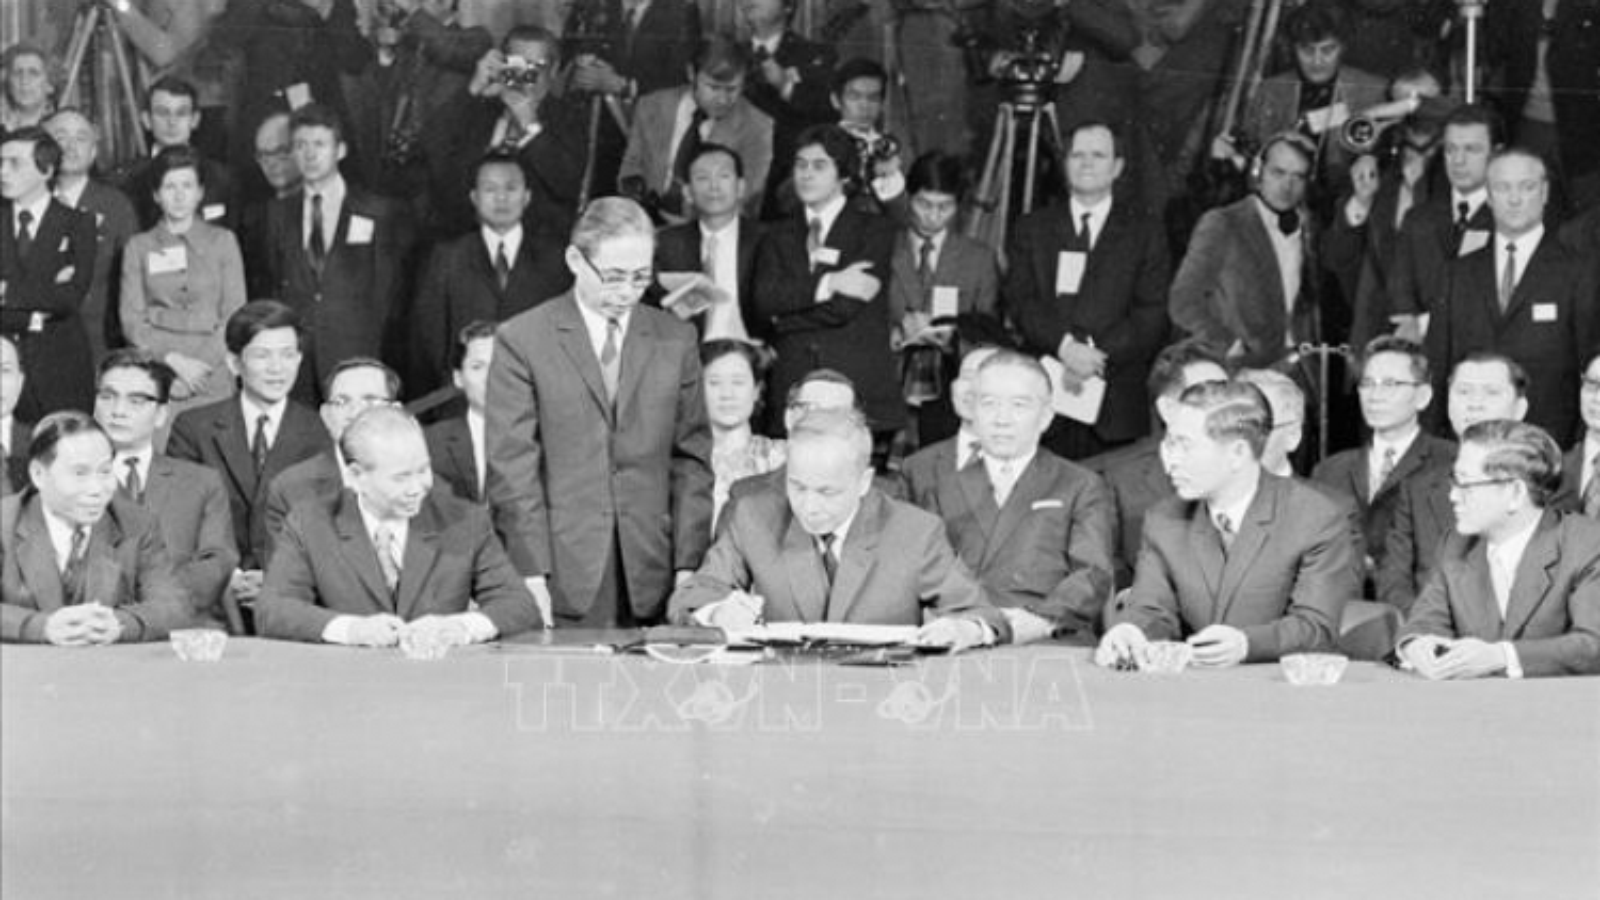 Đóng góp của Ngoại giao Việt Nam vào chiến thắng lịch sử mùa Xuân 1975